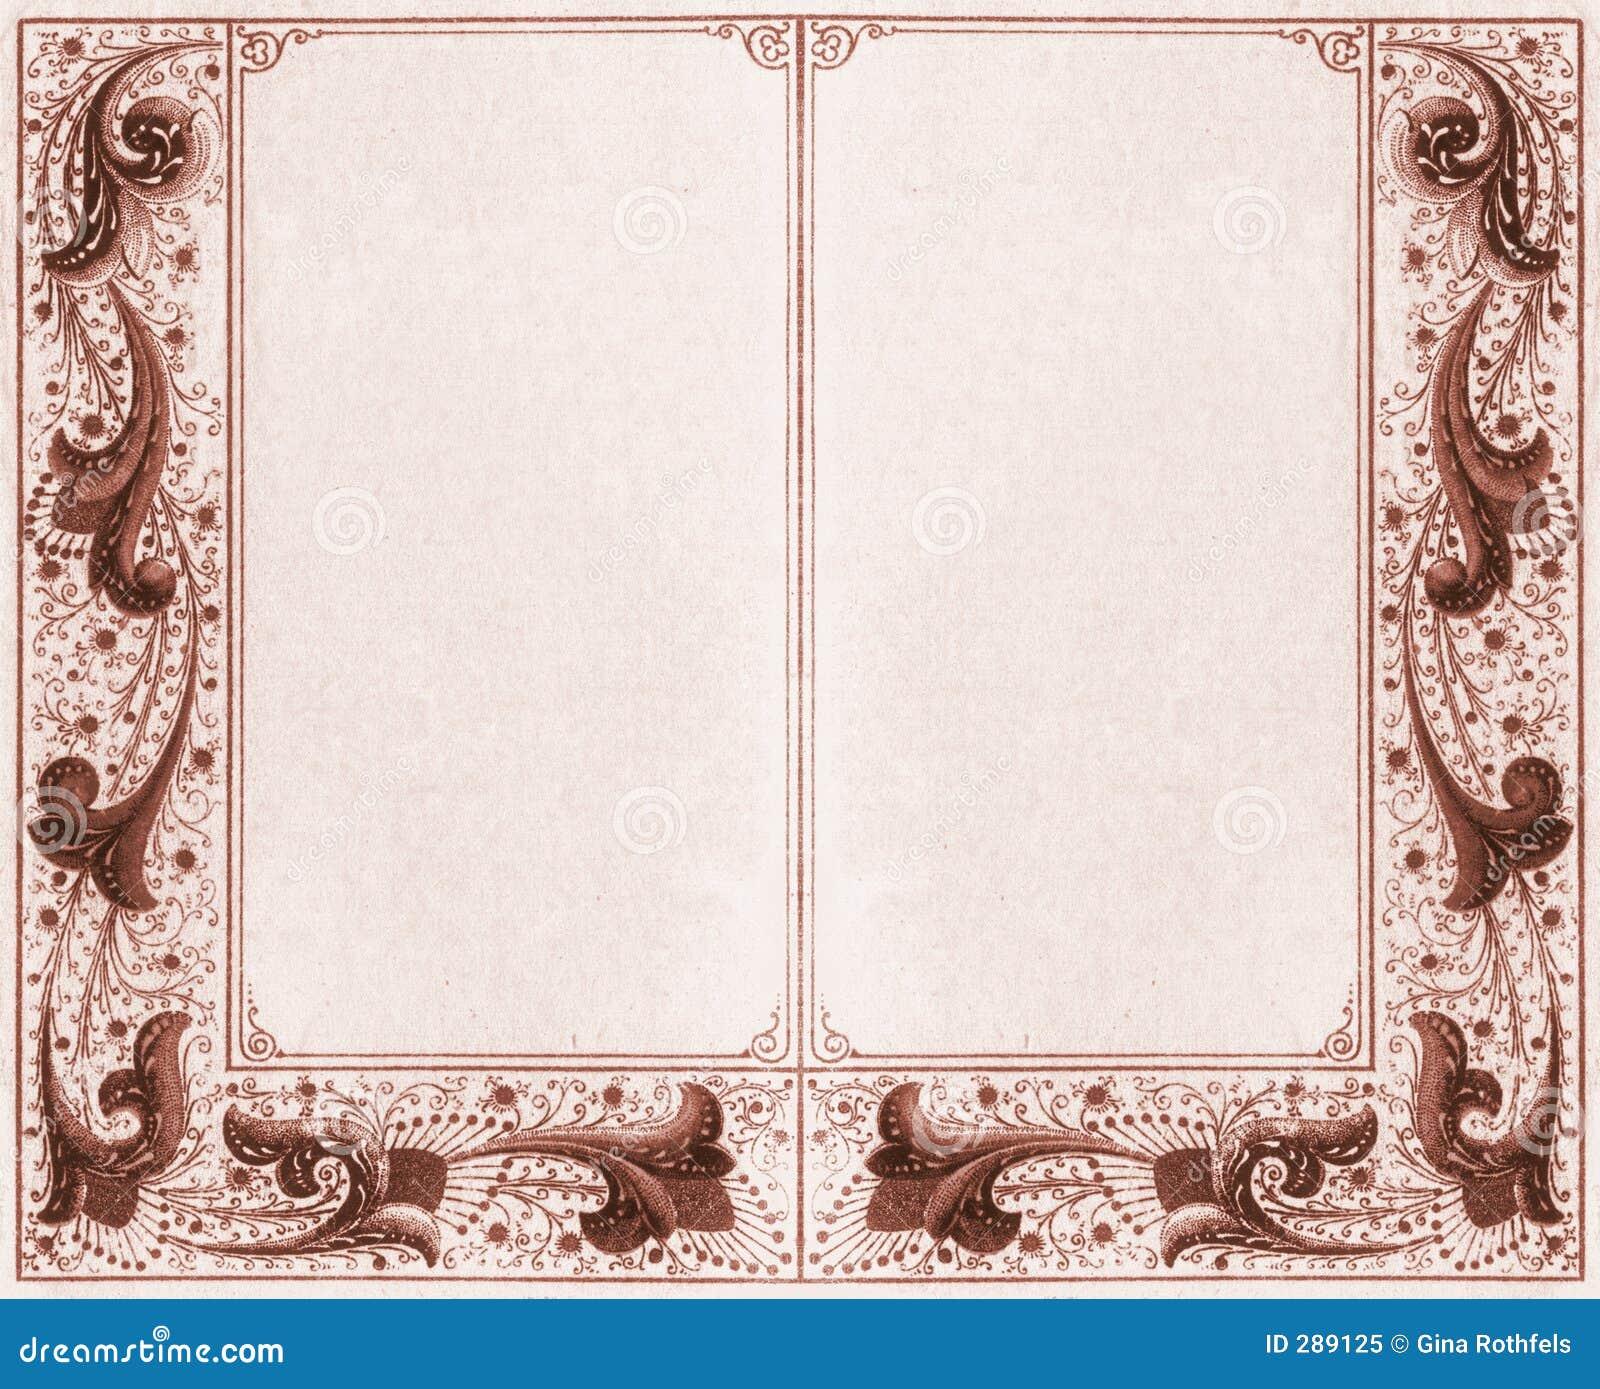 double frame sepia royalty free stock photo